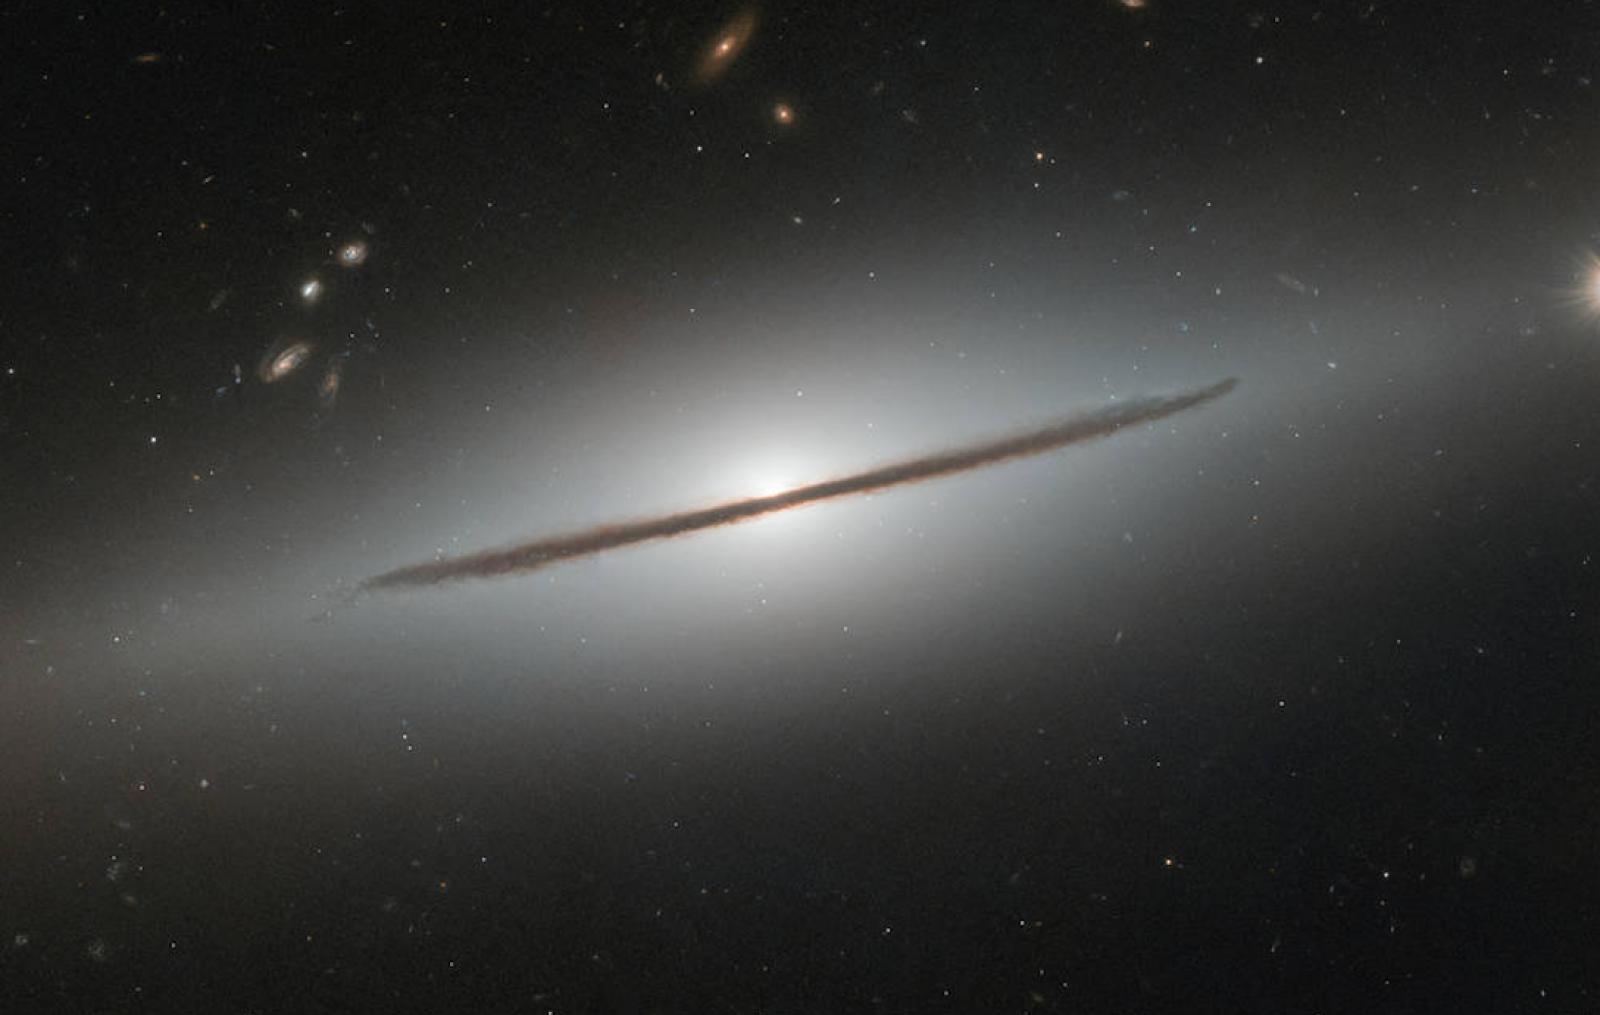 Imaginea zile de la NASA: Galaxie spiralată, situată la distanța de 100 milioane de ani-lumină